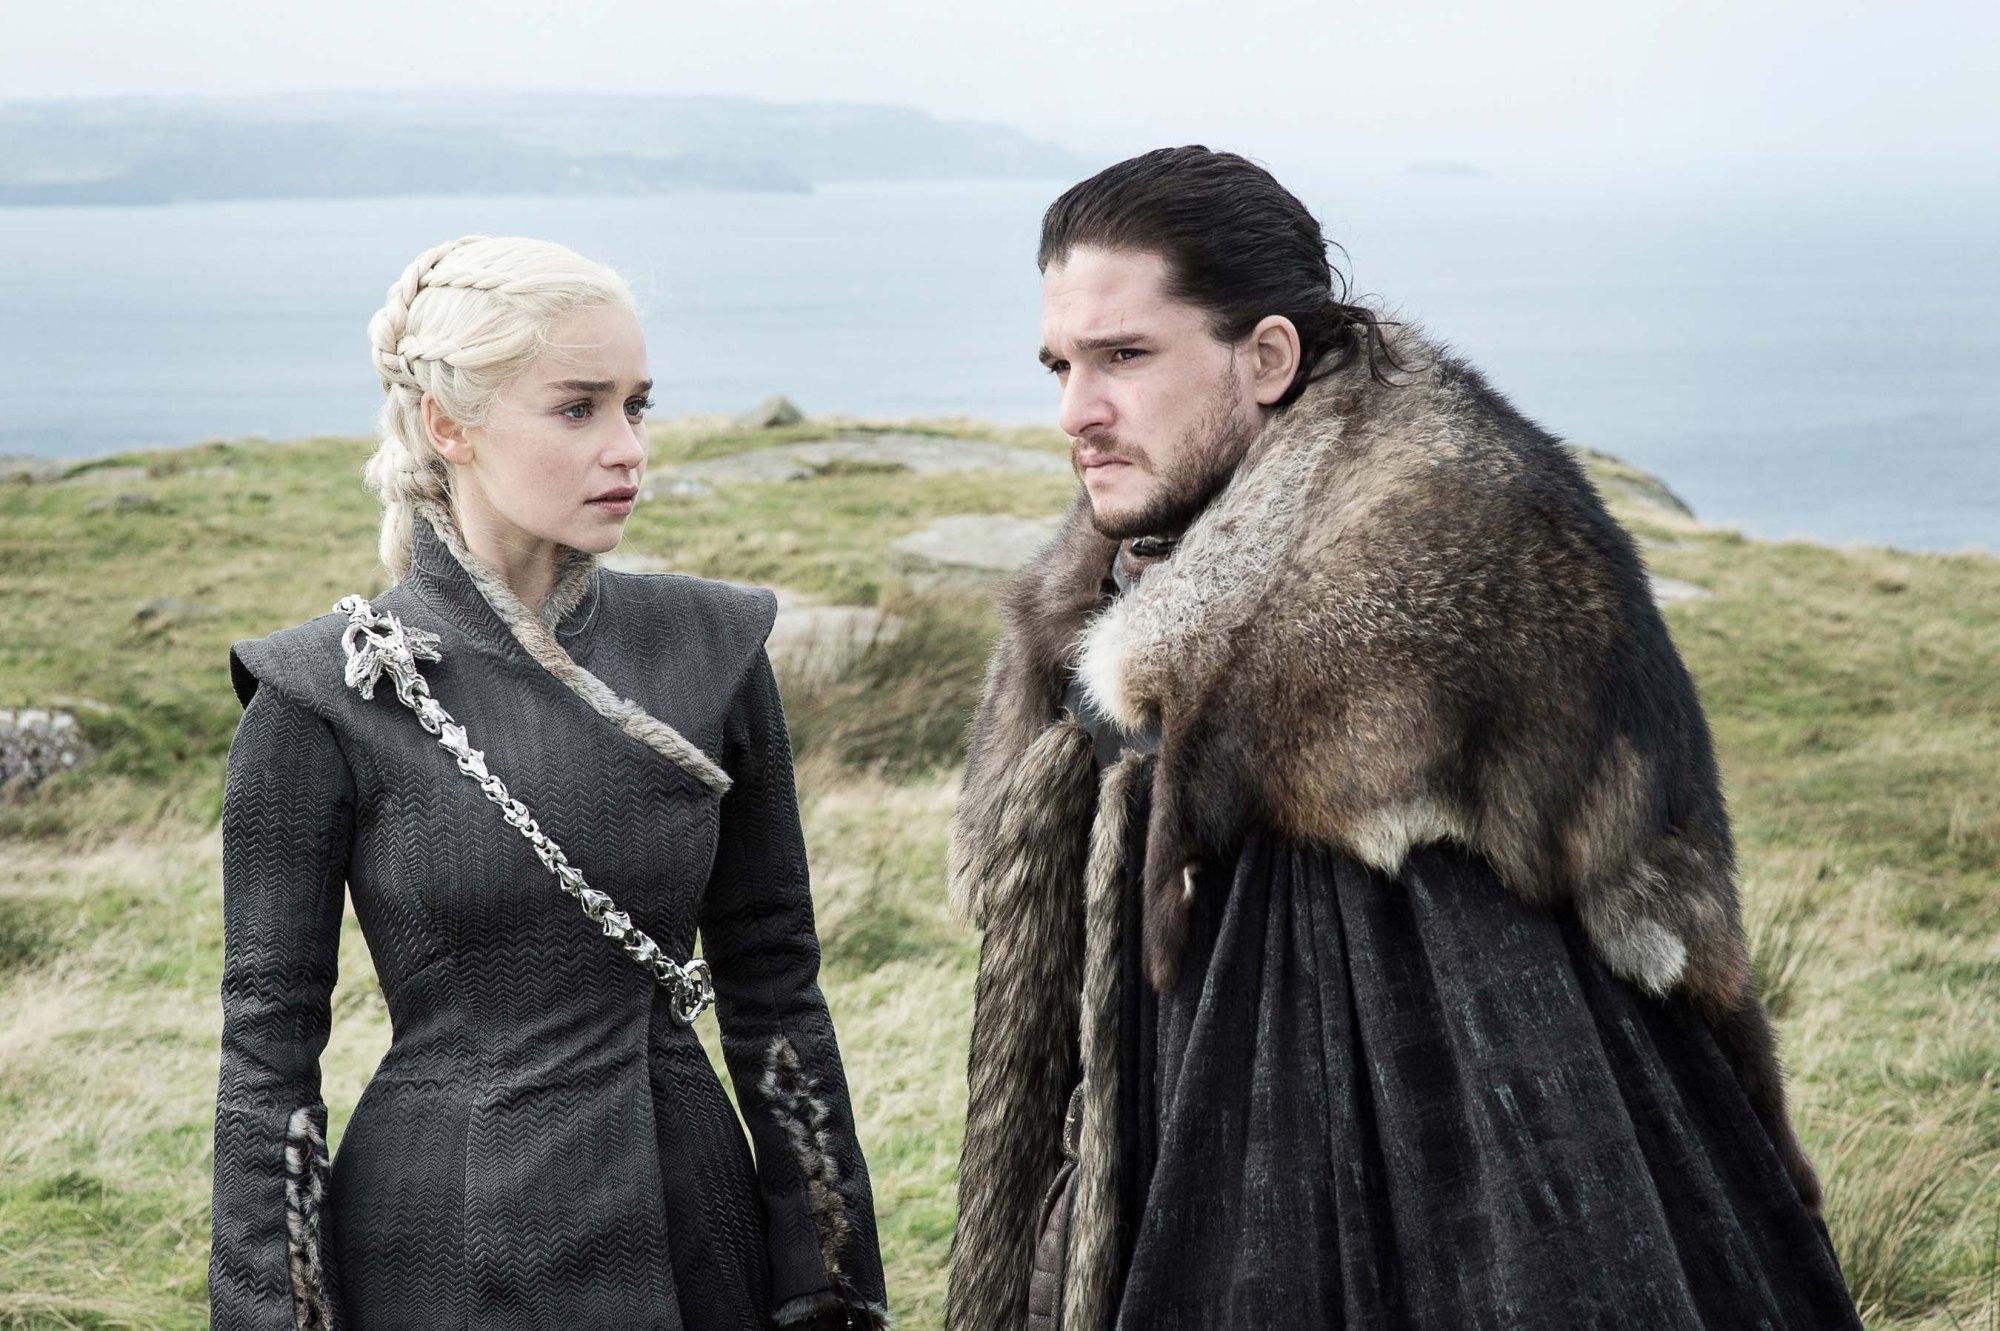 Il Trono di Spade: Emilia Clarke e Kit Harington nell'episodio Eastwatch